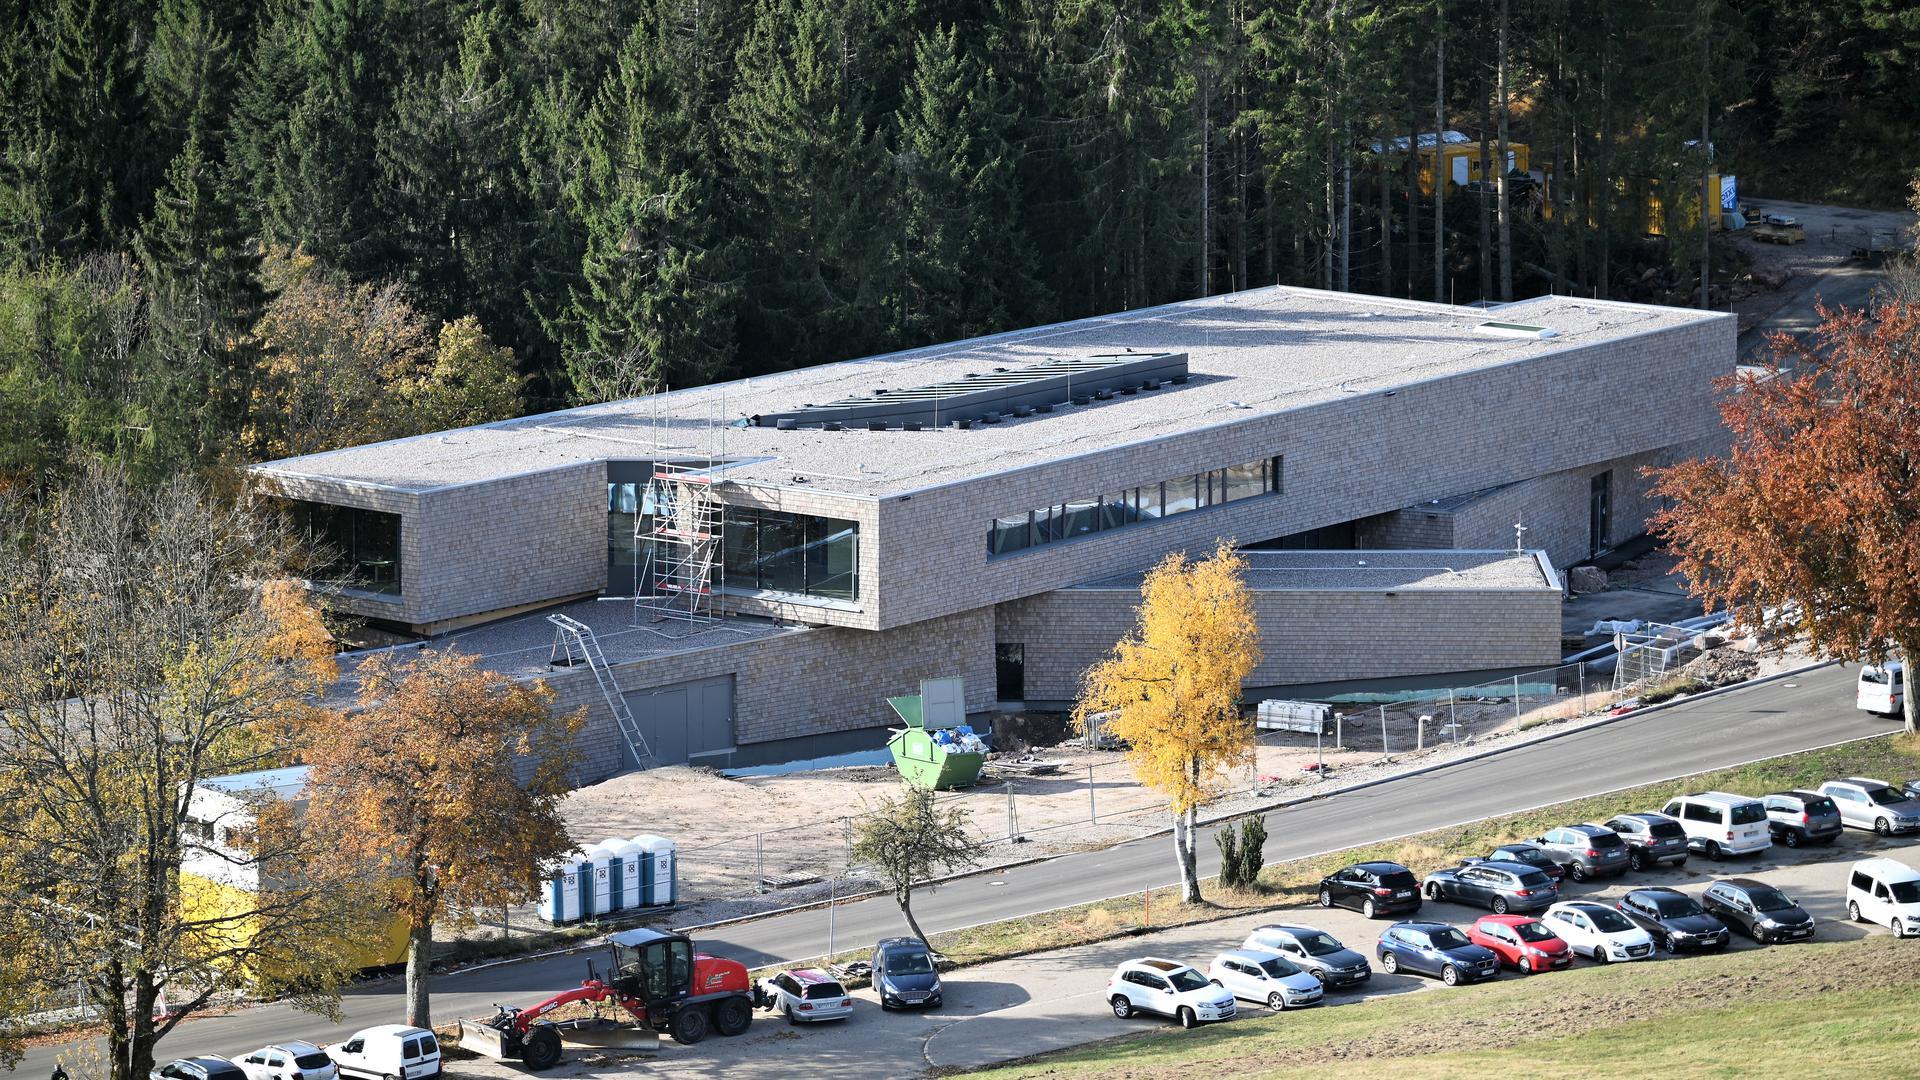 Klare Formensprache: Die Architekten Sturm und Wartzeck haben 2015 den Wettbewerb für das Nationalparkzentrum am Ruhestein gewonnen.